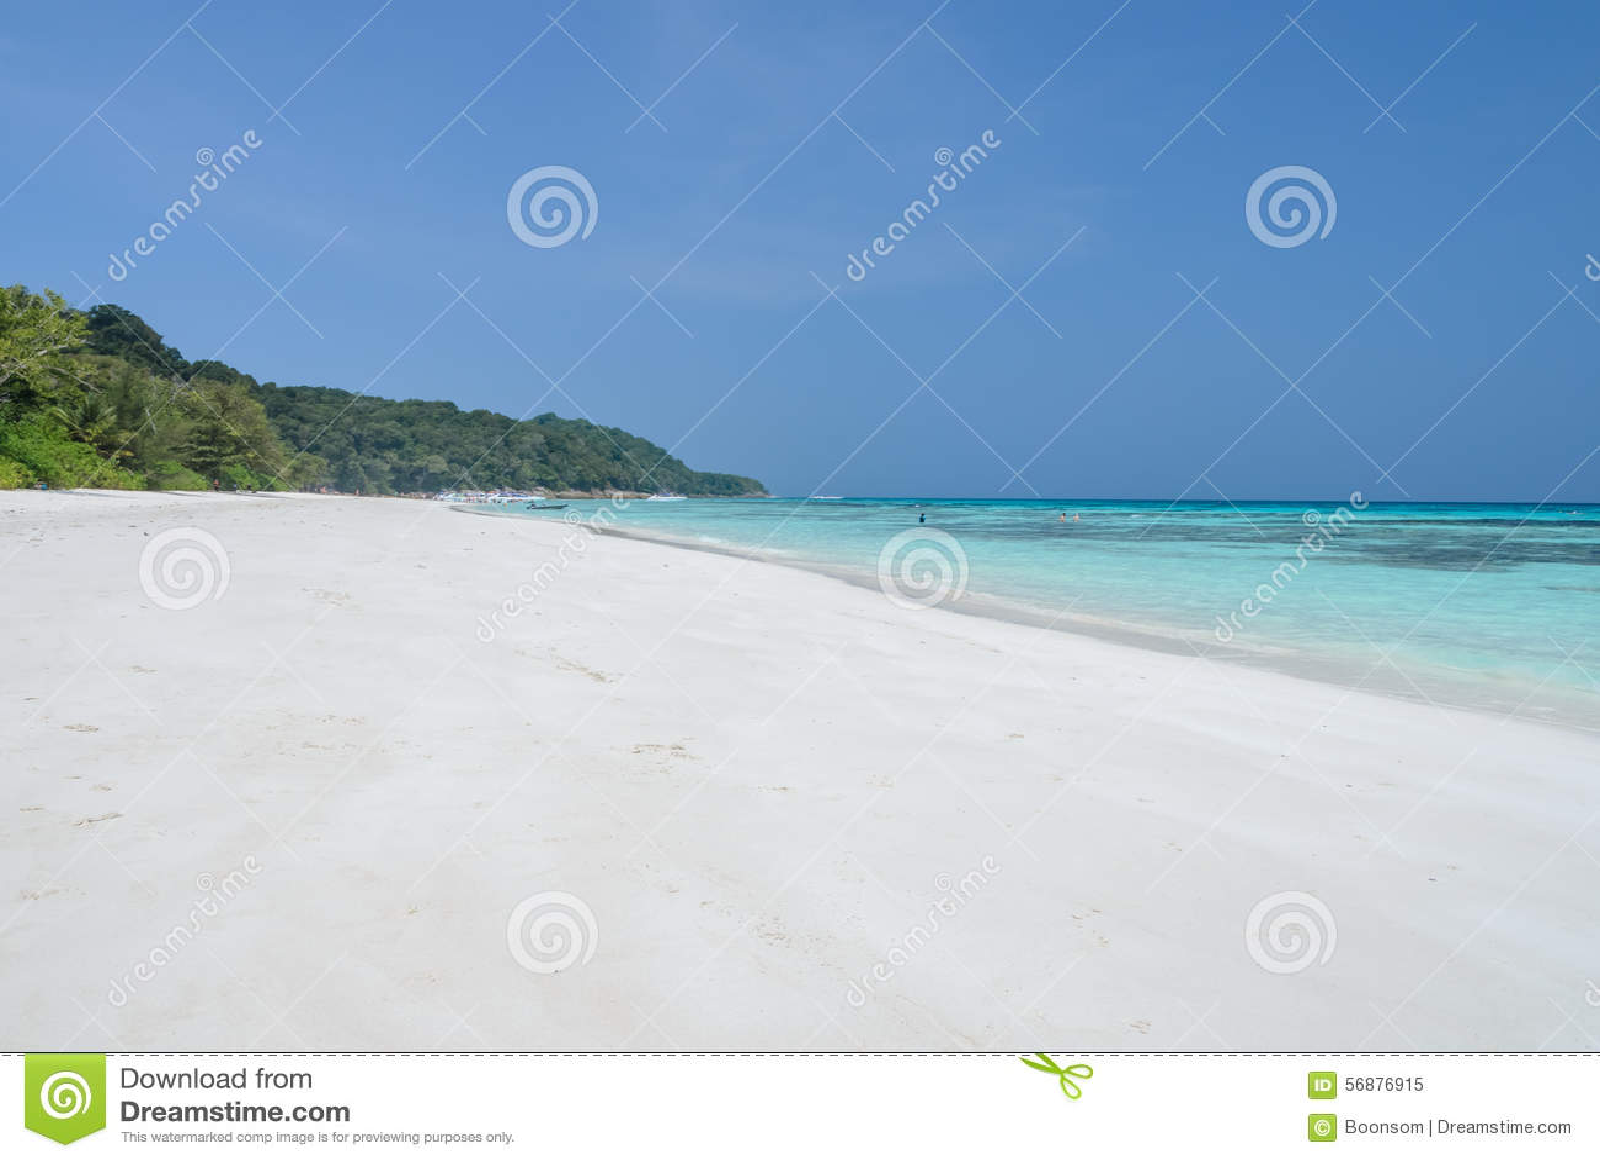 Spiaggia di sabbia bianca di acqua cristallina tropicale